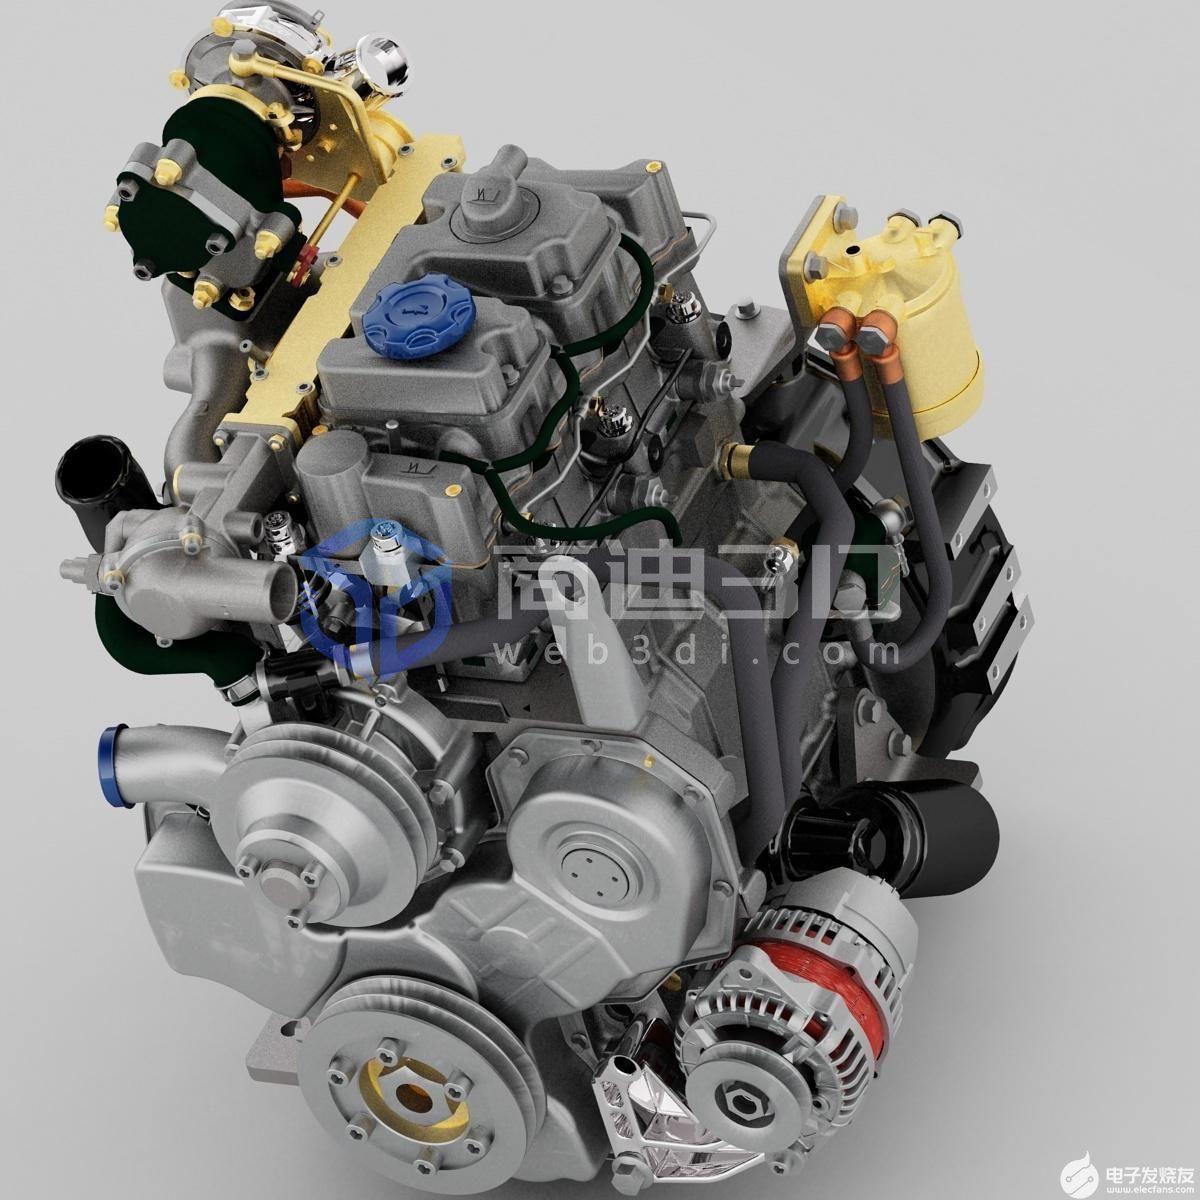 发动机3D可视化模型展示的应用及其特性介绍